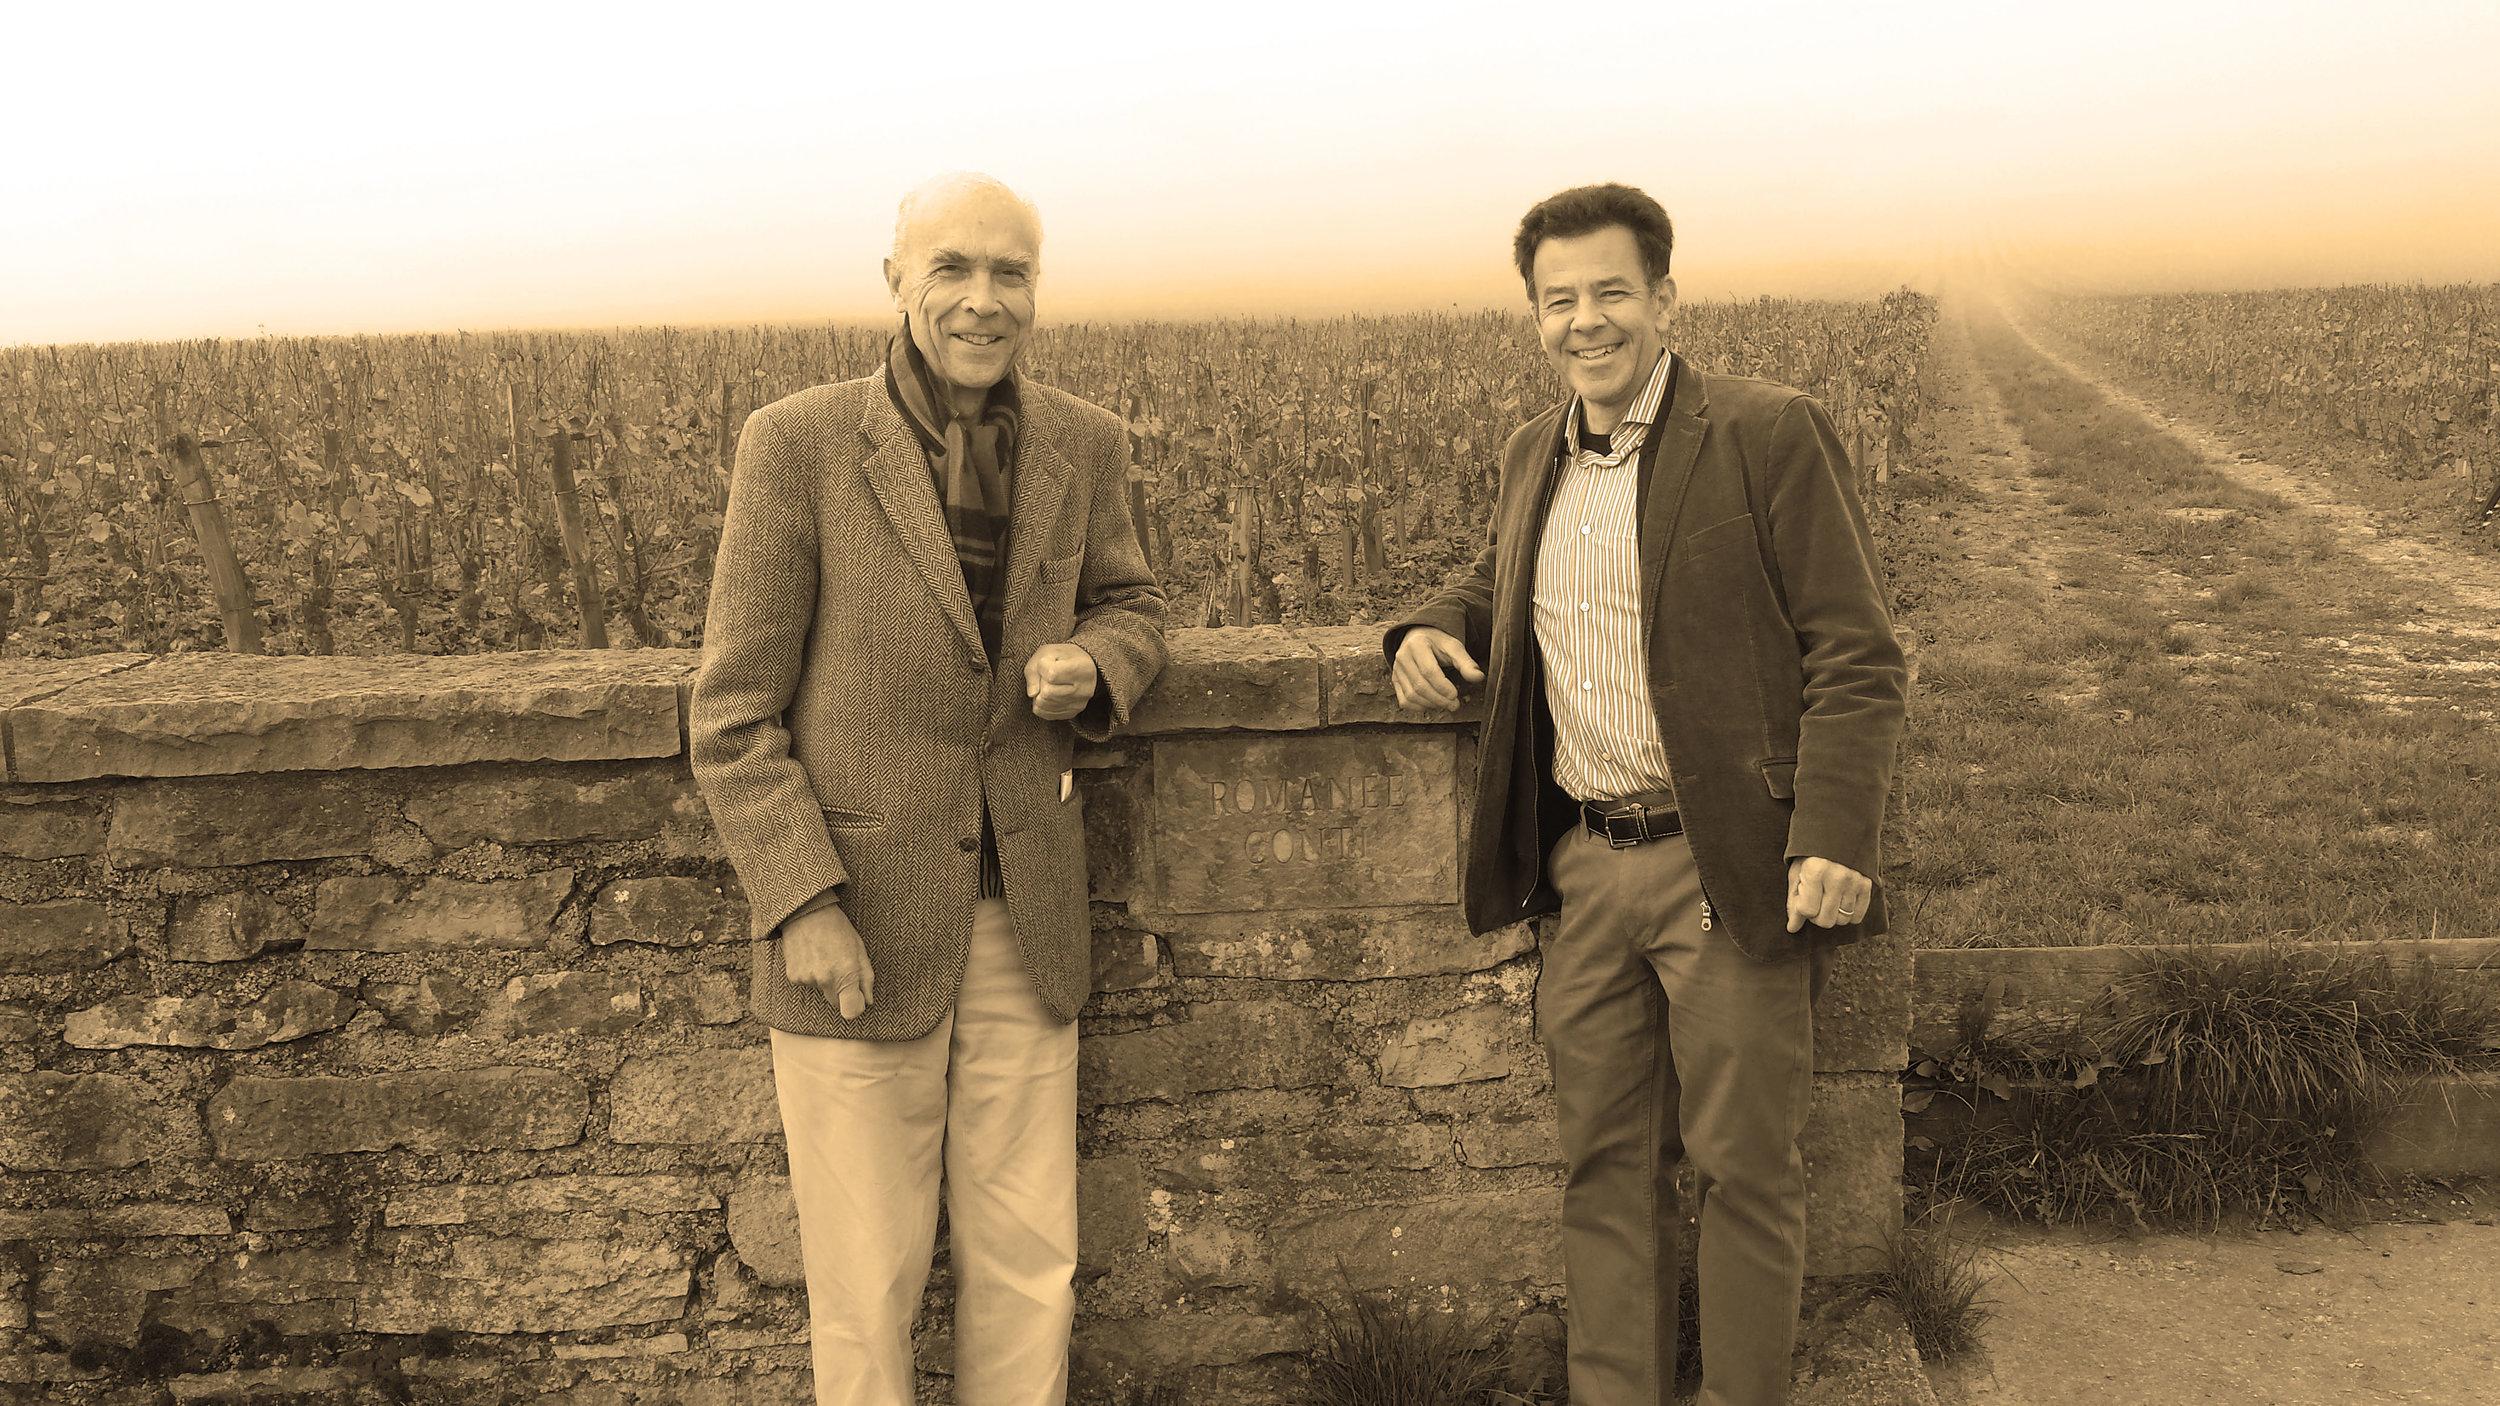 Aubert de Villaine with Daniel Johnnes in front of the Romanée-Conti vineyard